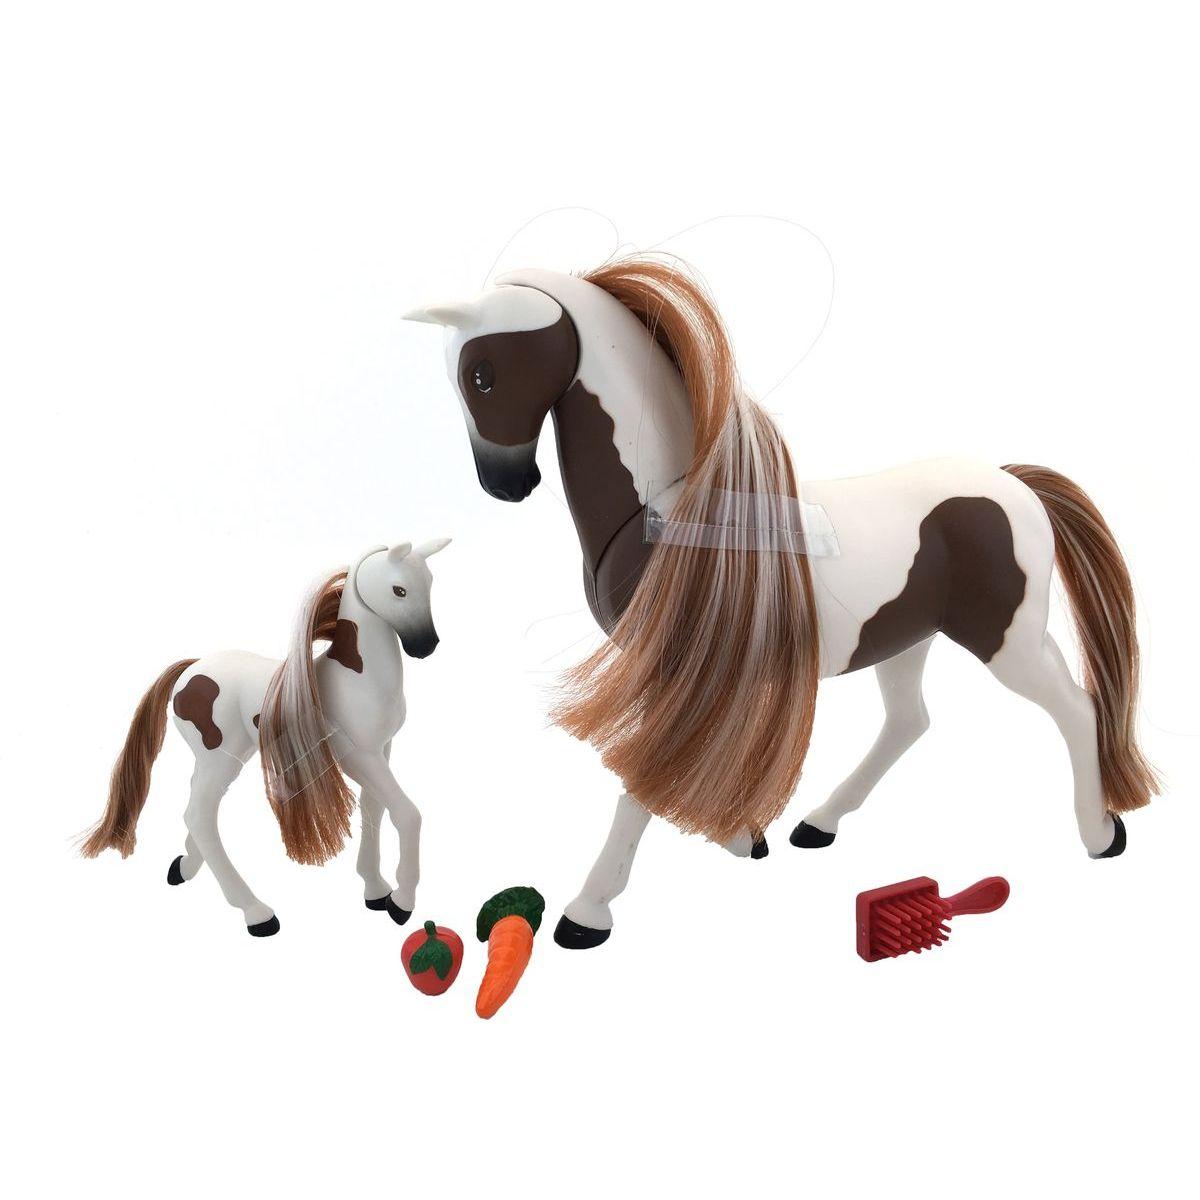 Lanard Kůň s hříbětem 18 cm - Hnědo-Bílá